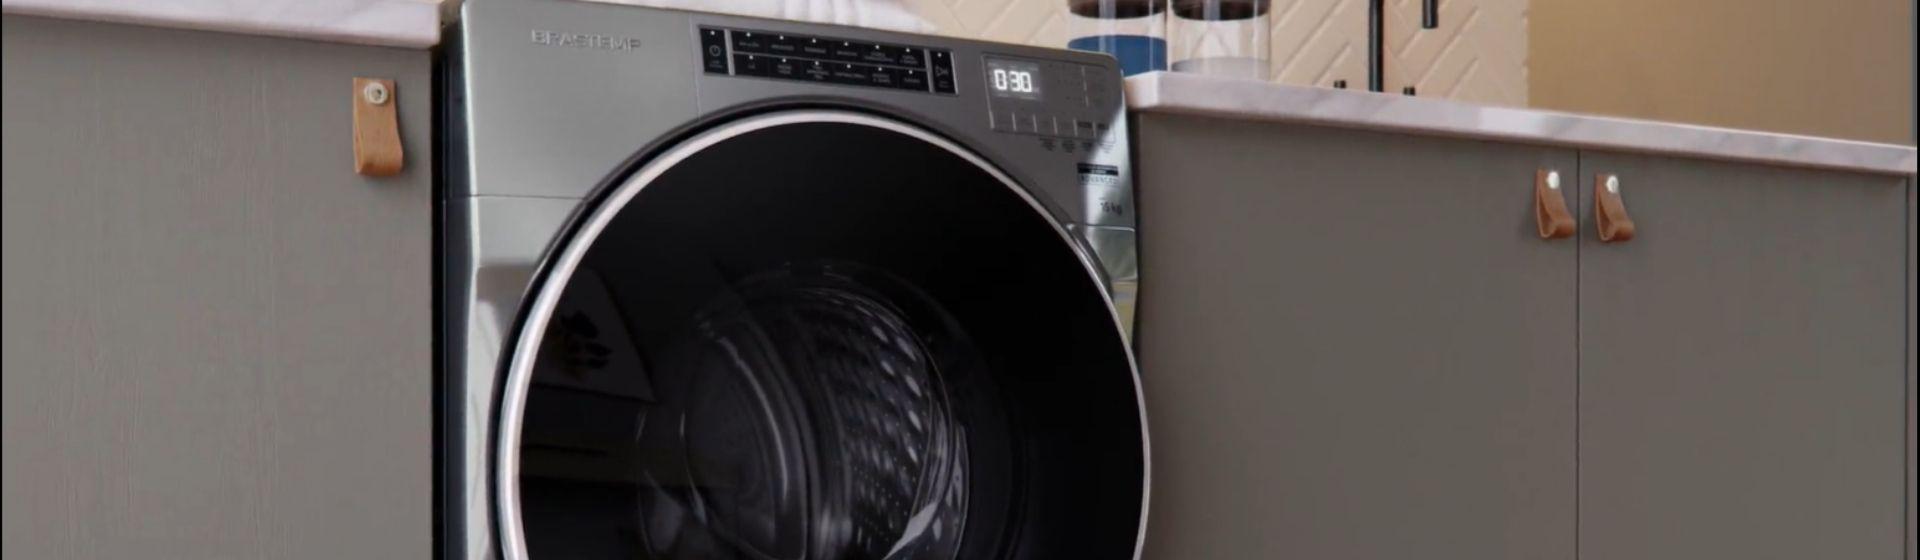 As 5 melhores máquinas de lavar Brastemp em 2021